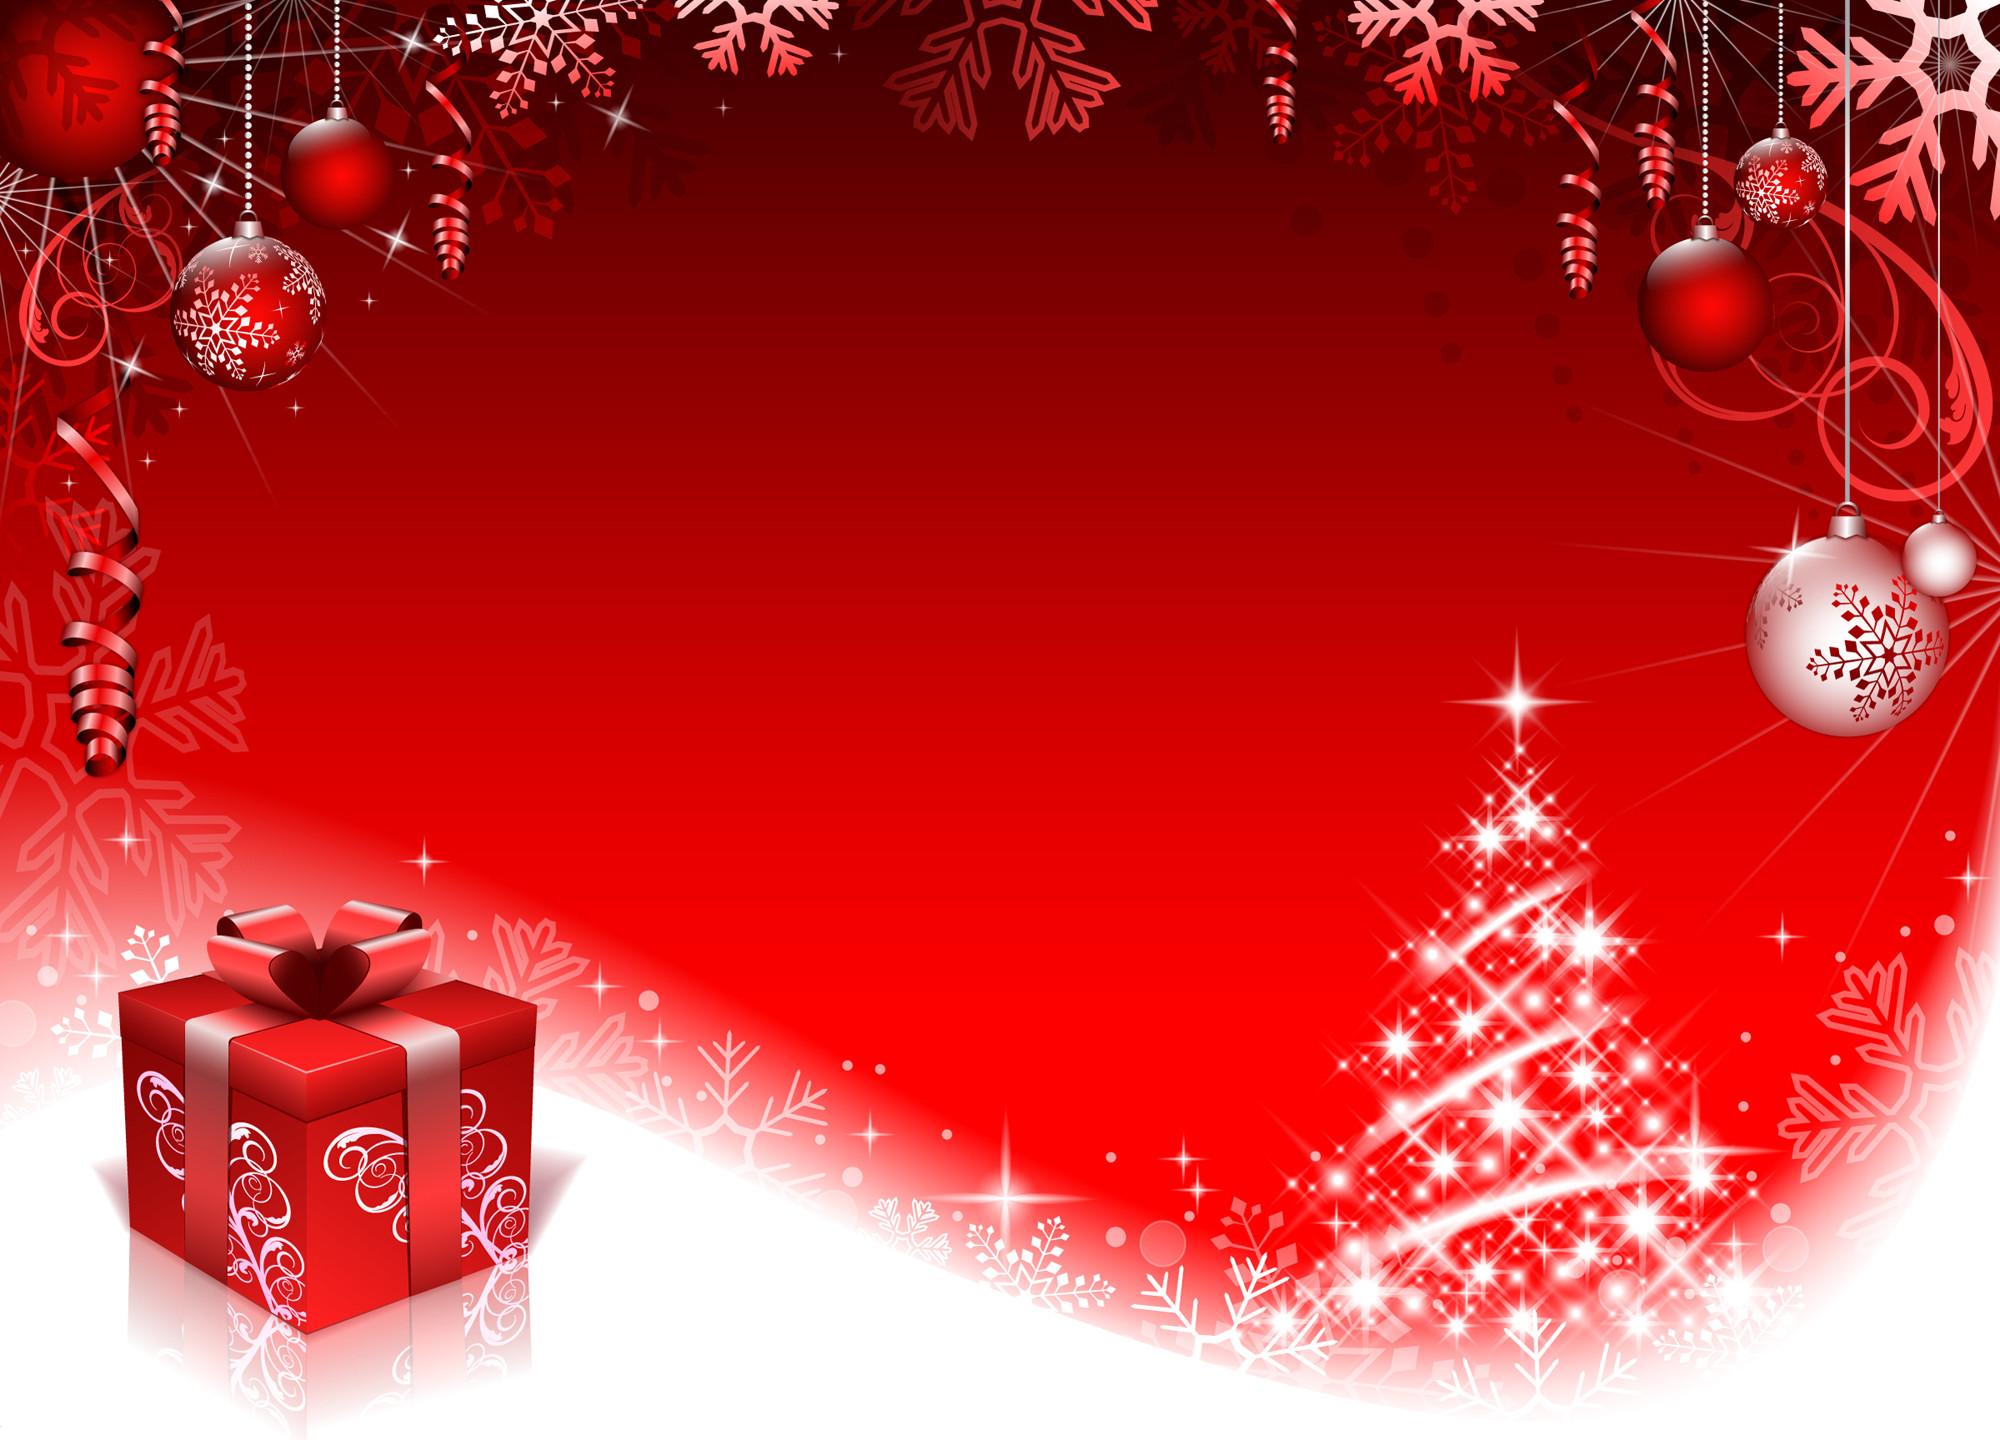 Christmas_bckgr_012.jpg